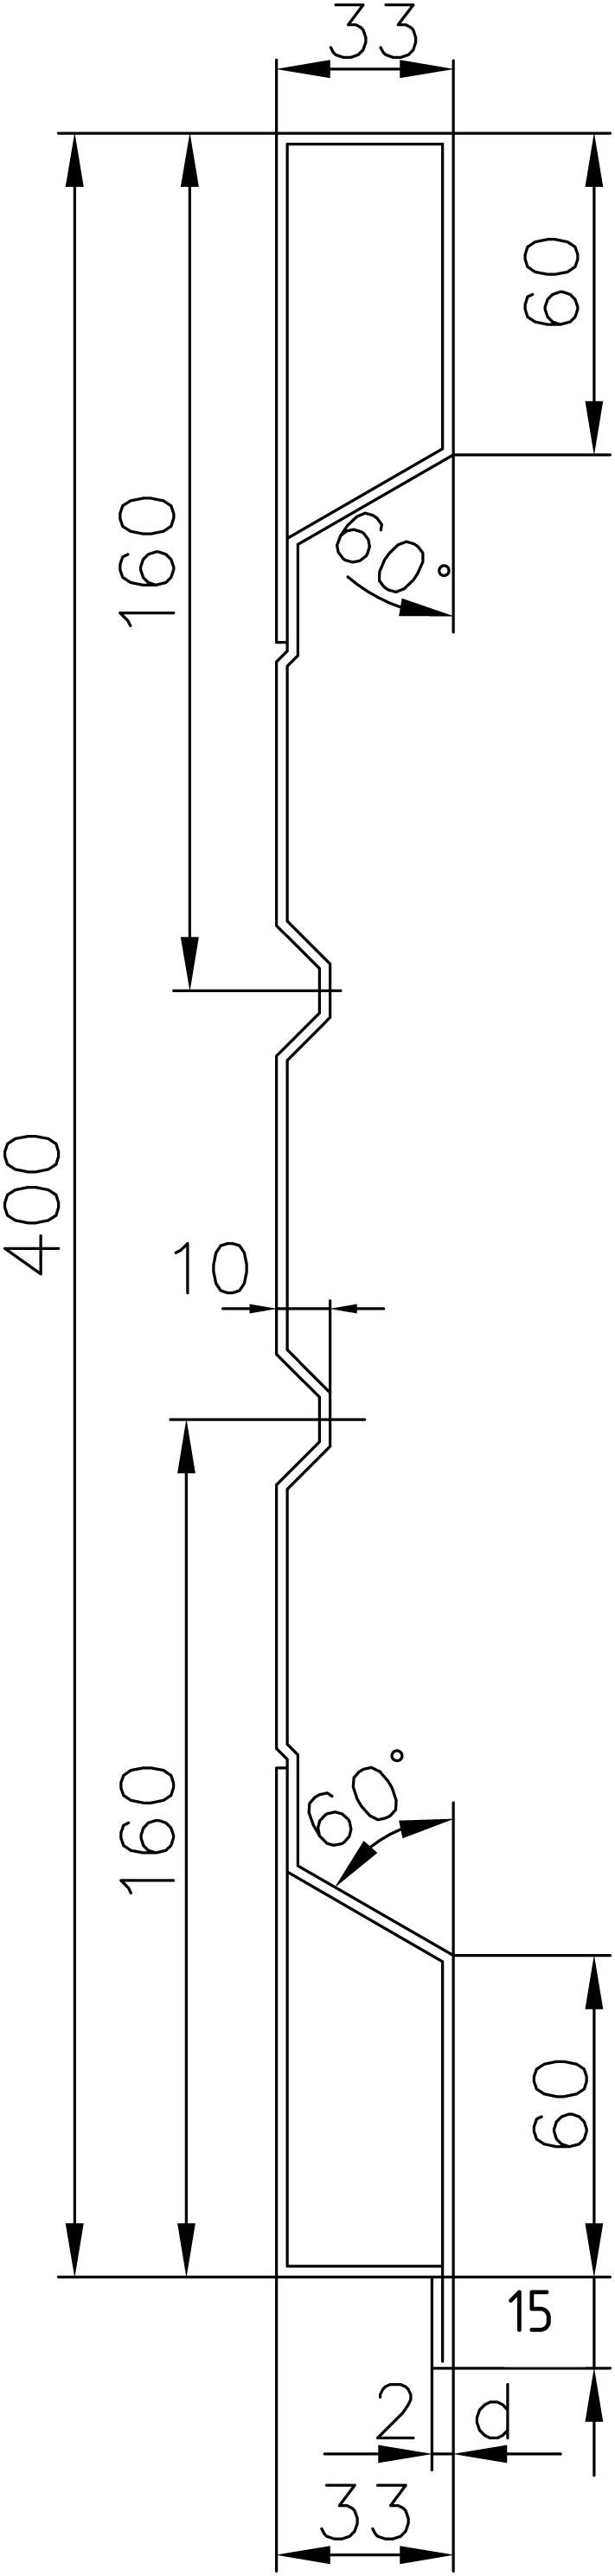 Brantner Kipper und Anhänger - 400x2x2375 Rück BW samt EL ohne Schuber